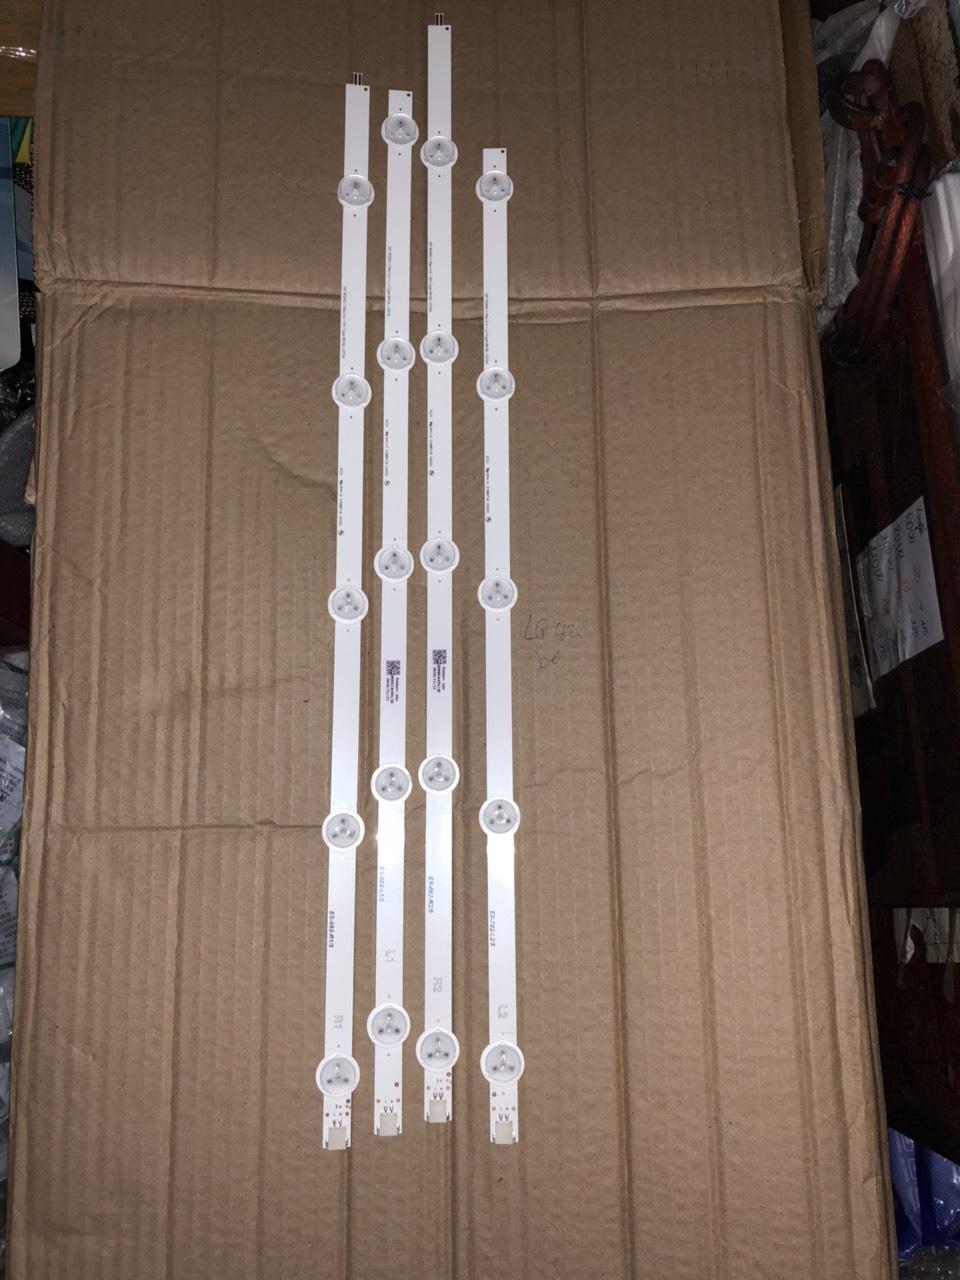 Bảng giá thanh led TIVI LG 50 inch bóng bé 4 thanh 20 bóng